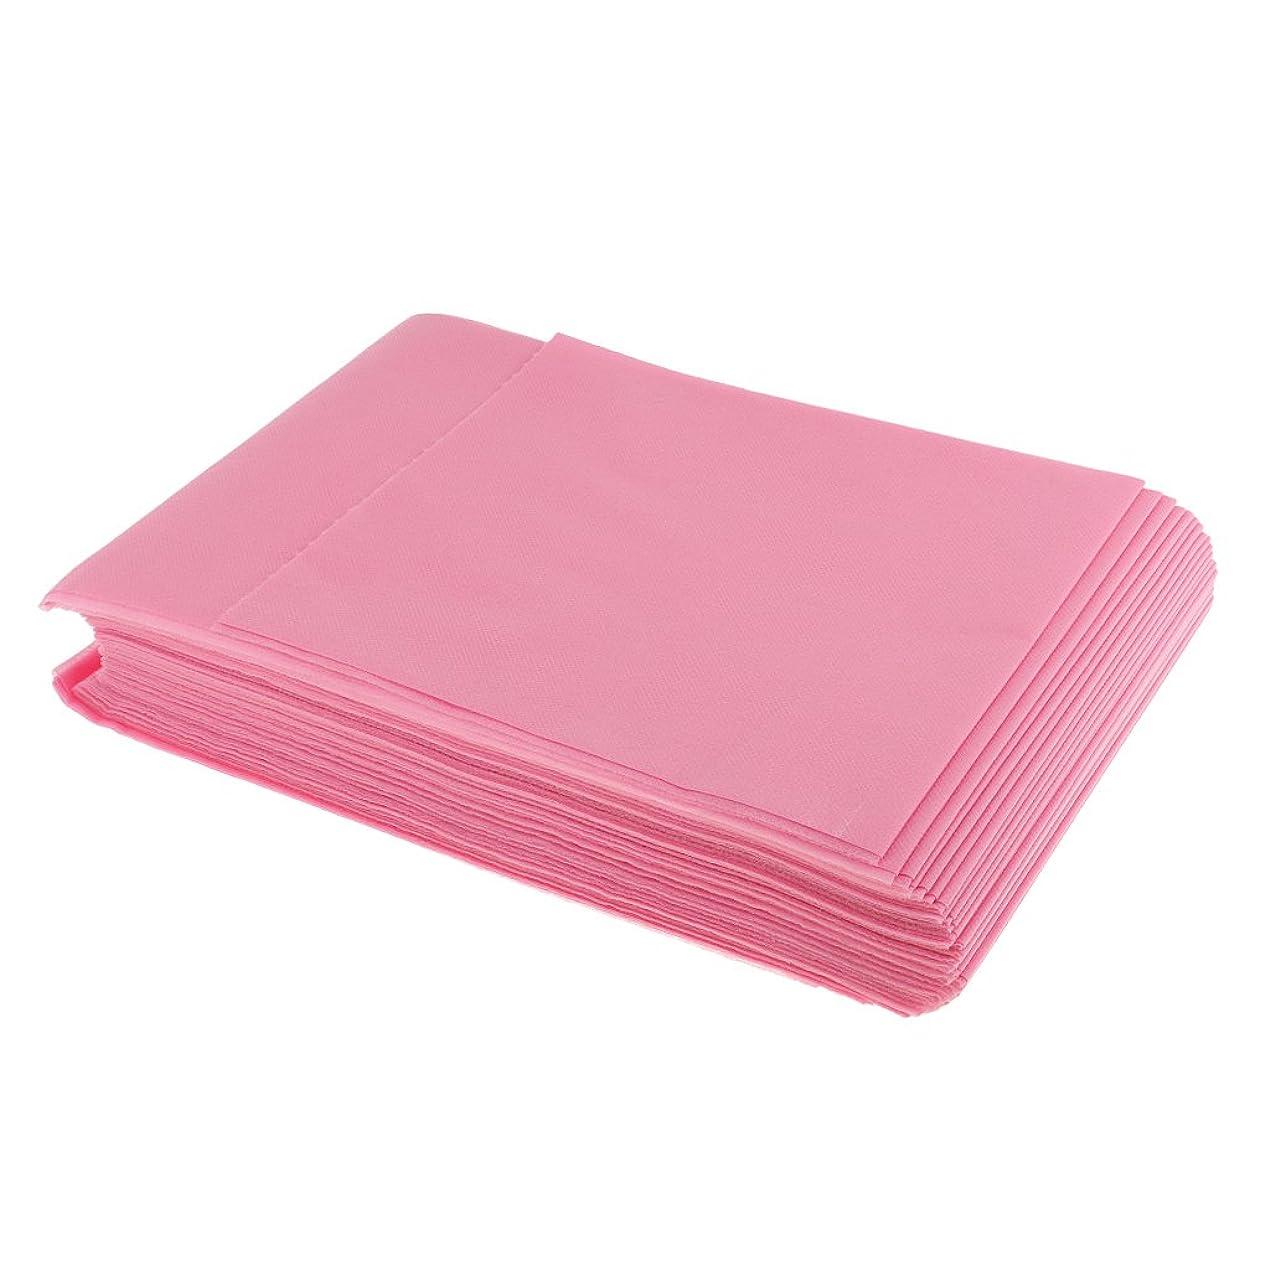 従順な素晴らしい不振SONONIA 使い捨て 美容室/マッサージ/サロン/ホテル ベッドパッド 無織PP 衛生シート 10枚 全3色選べ - ピンク